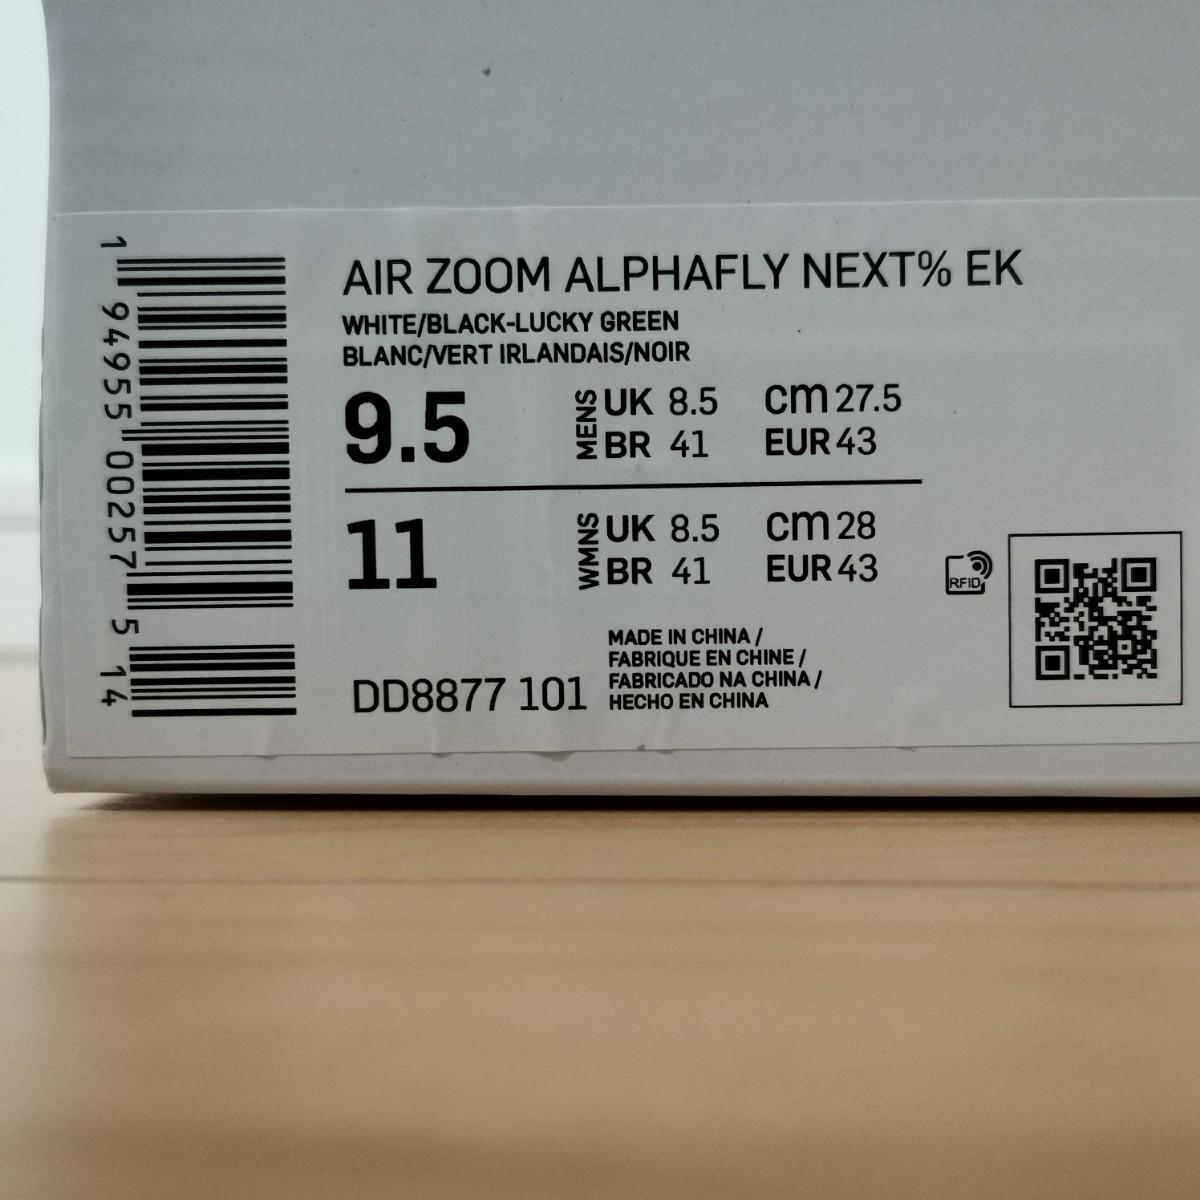 ナイキ ズームアルファフライ ネクスト%  27.5cm